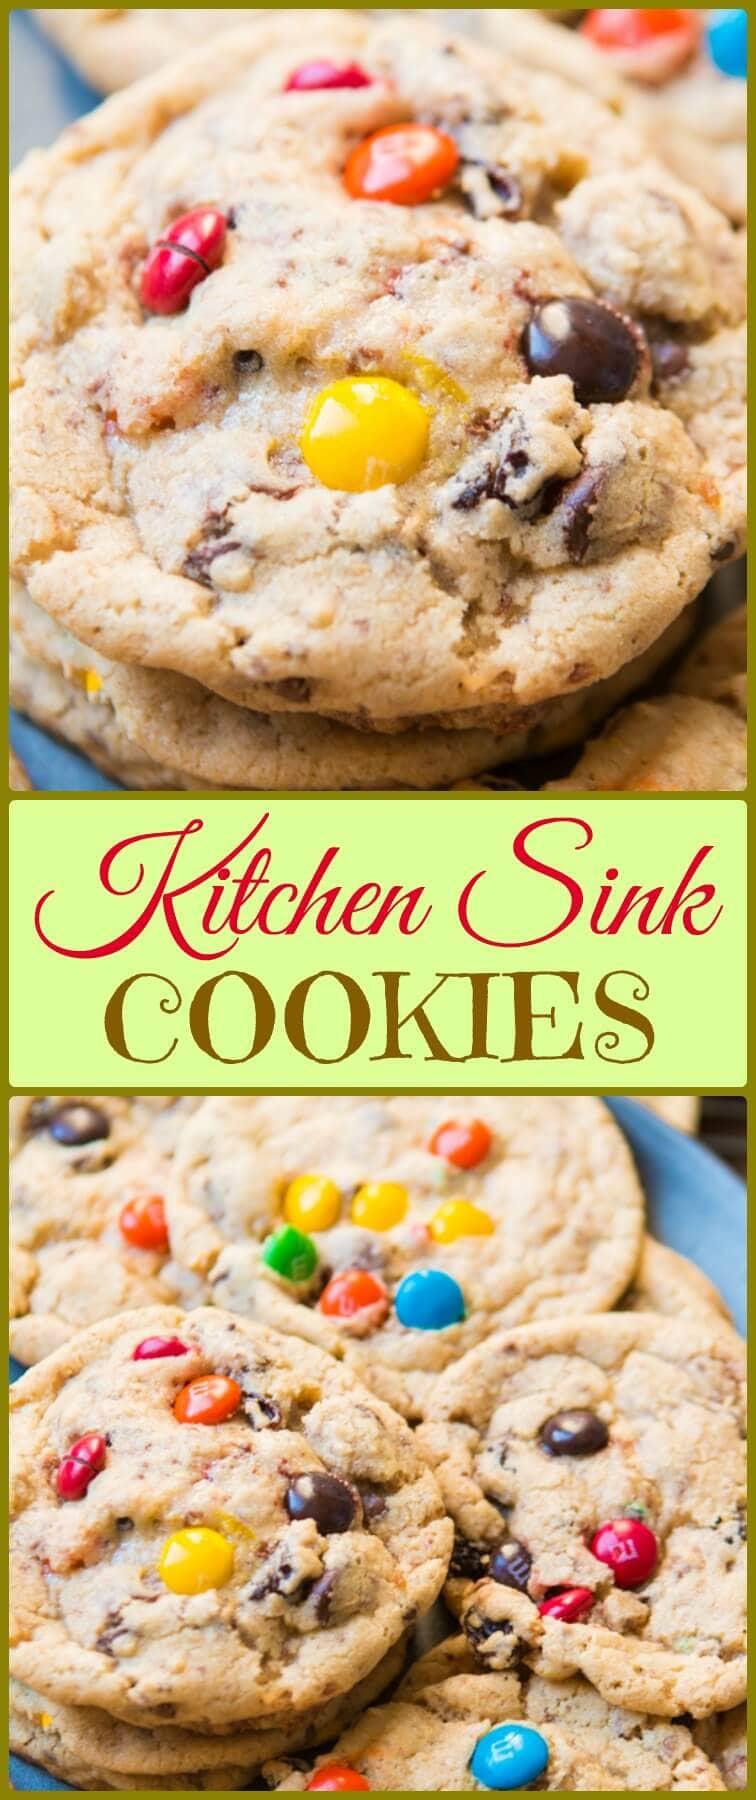 kitchen sink cookies recipe kitchen sink cookies Kitchen Sink Cookies are everything you could ever want in a cookie chocolate raisins